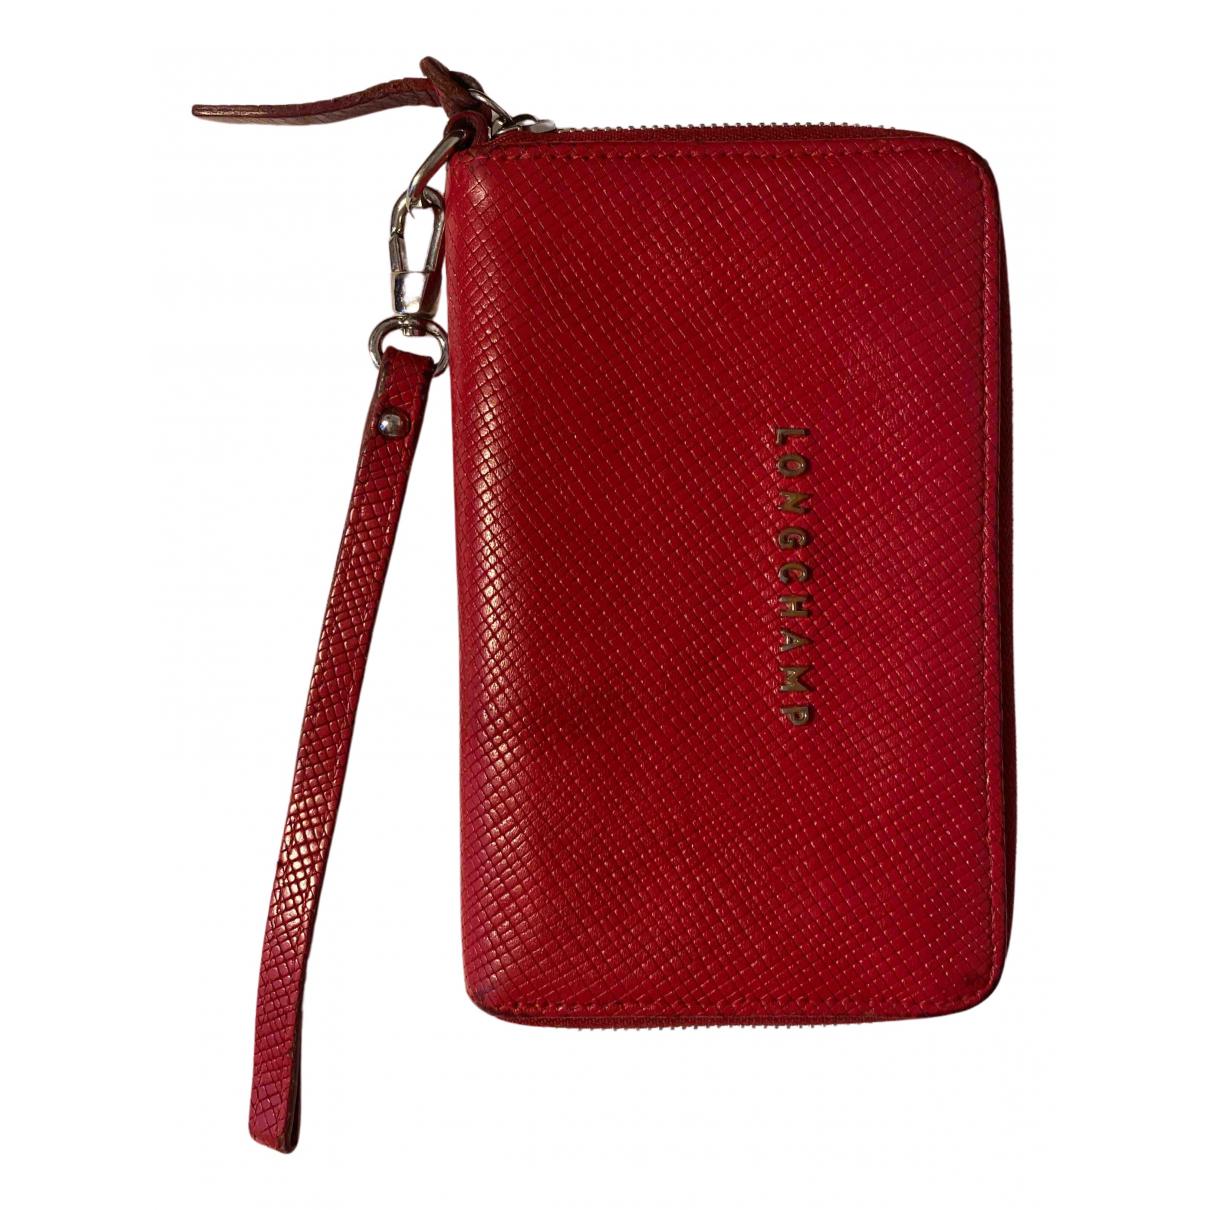 Longchamp \N Portemonnaie in  Rot Leder